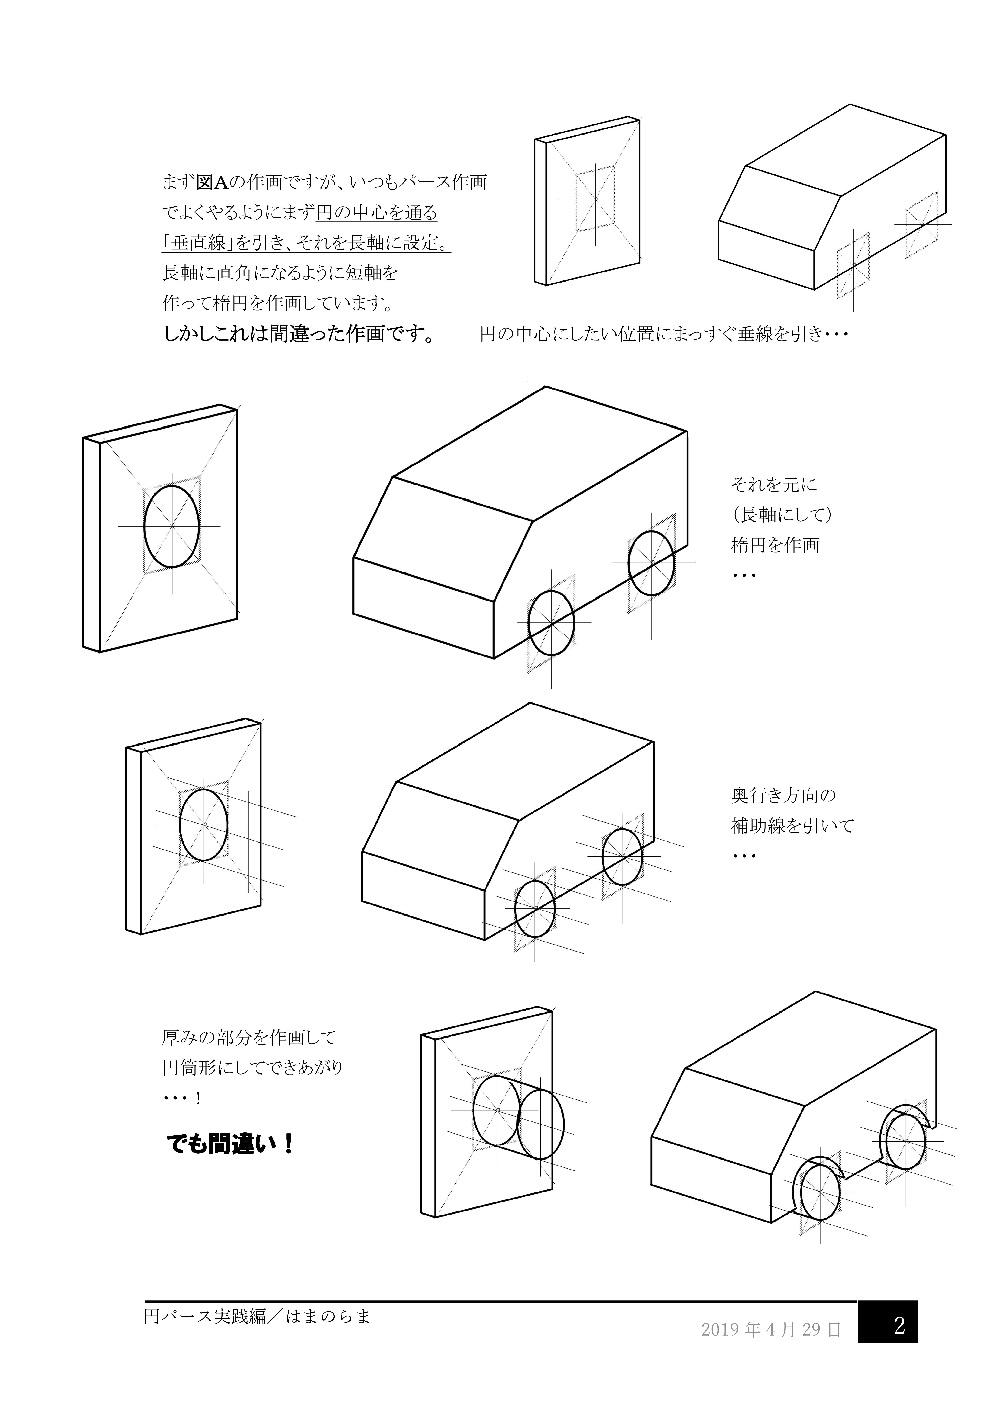 円パース実践編2